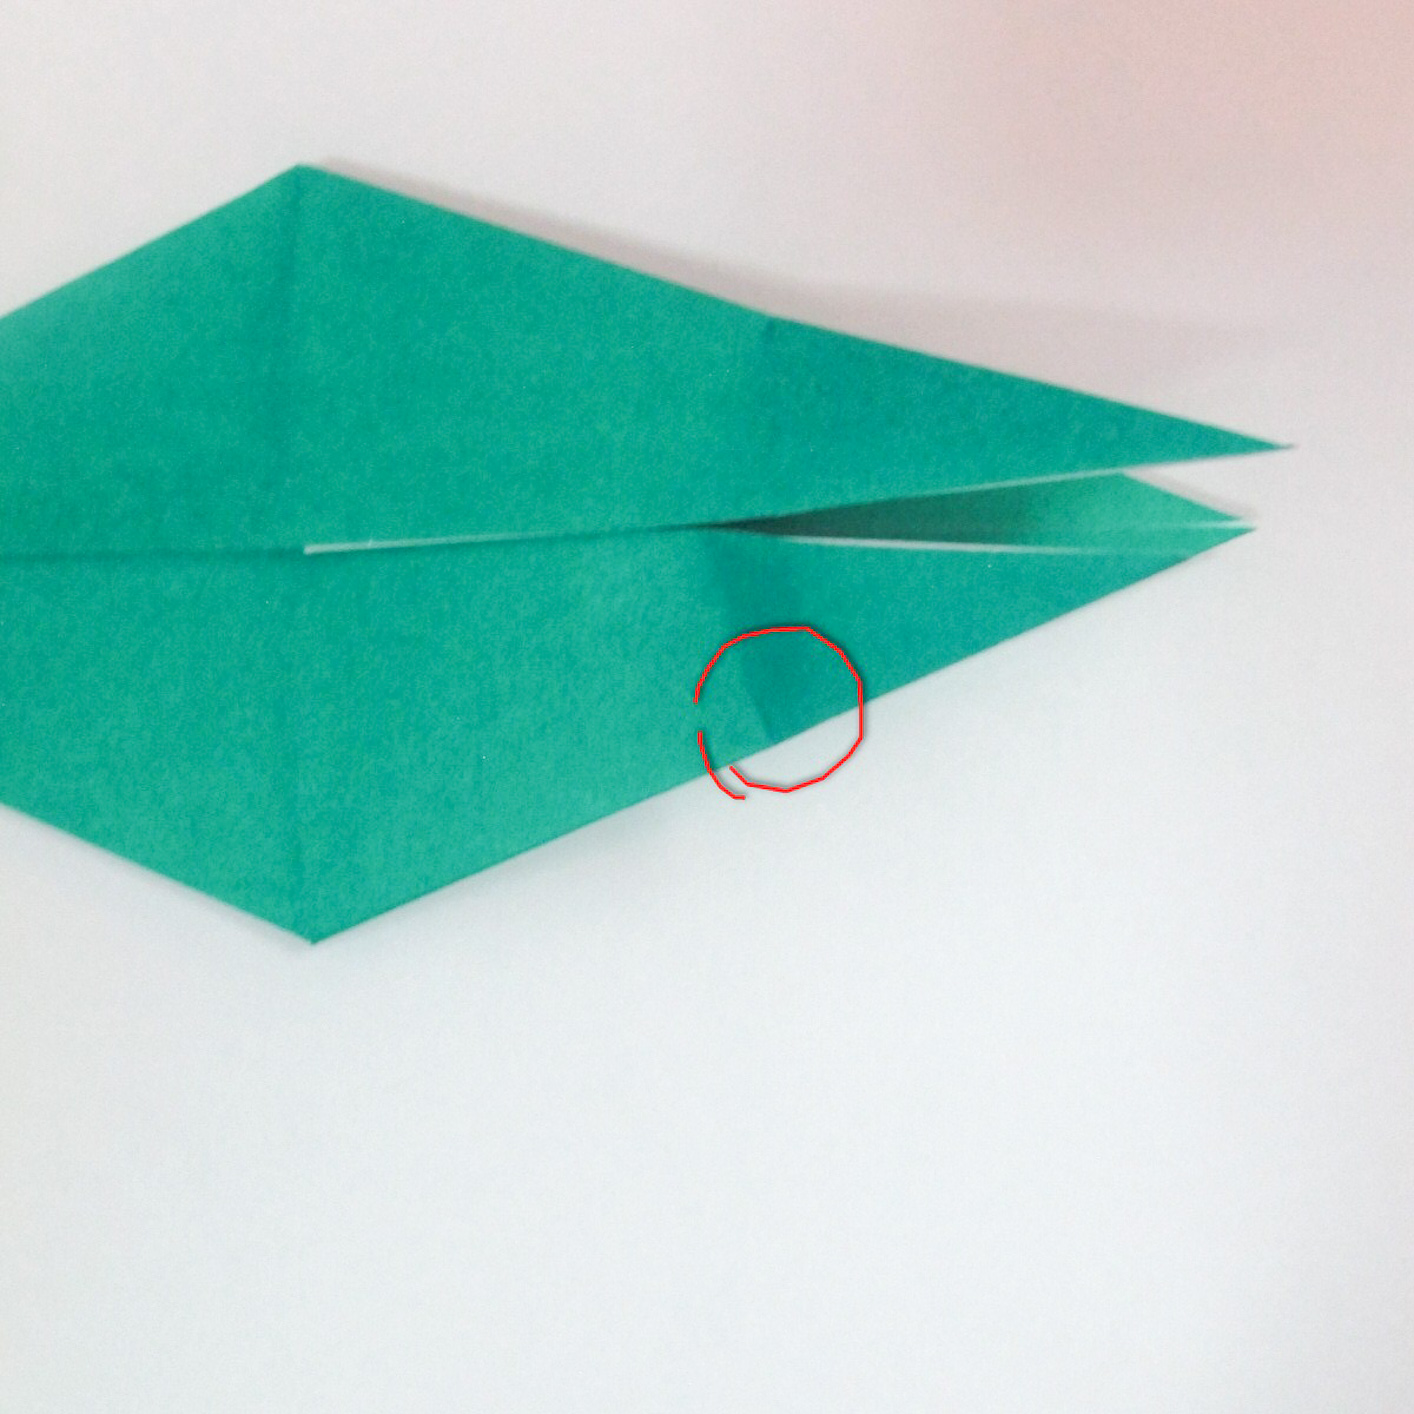 สอนวิธีการพับกระดาษเป็นรูปปลาฉลาม (Origami Shark) 021